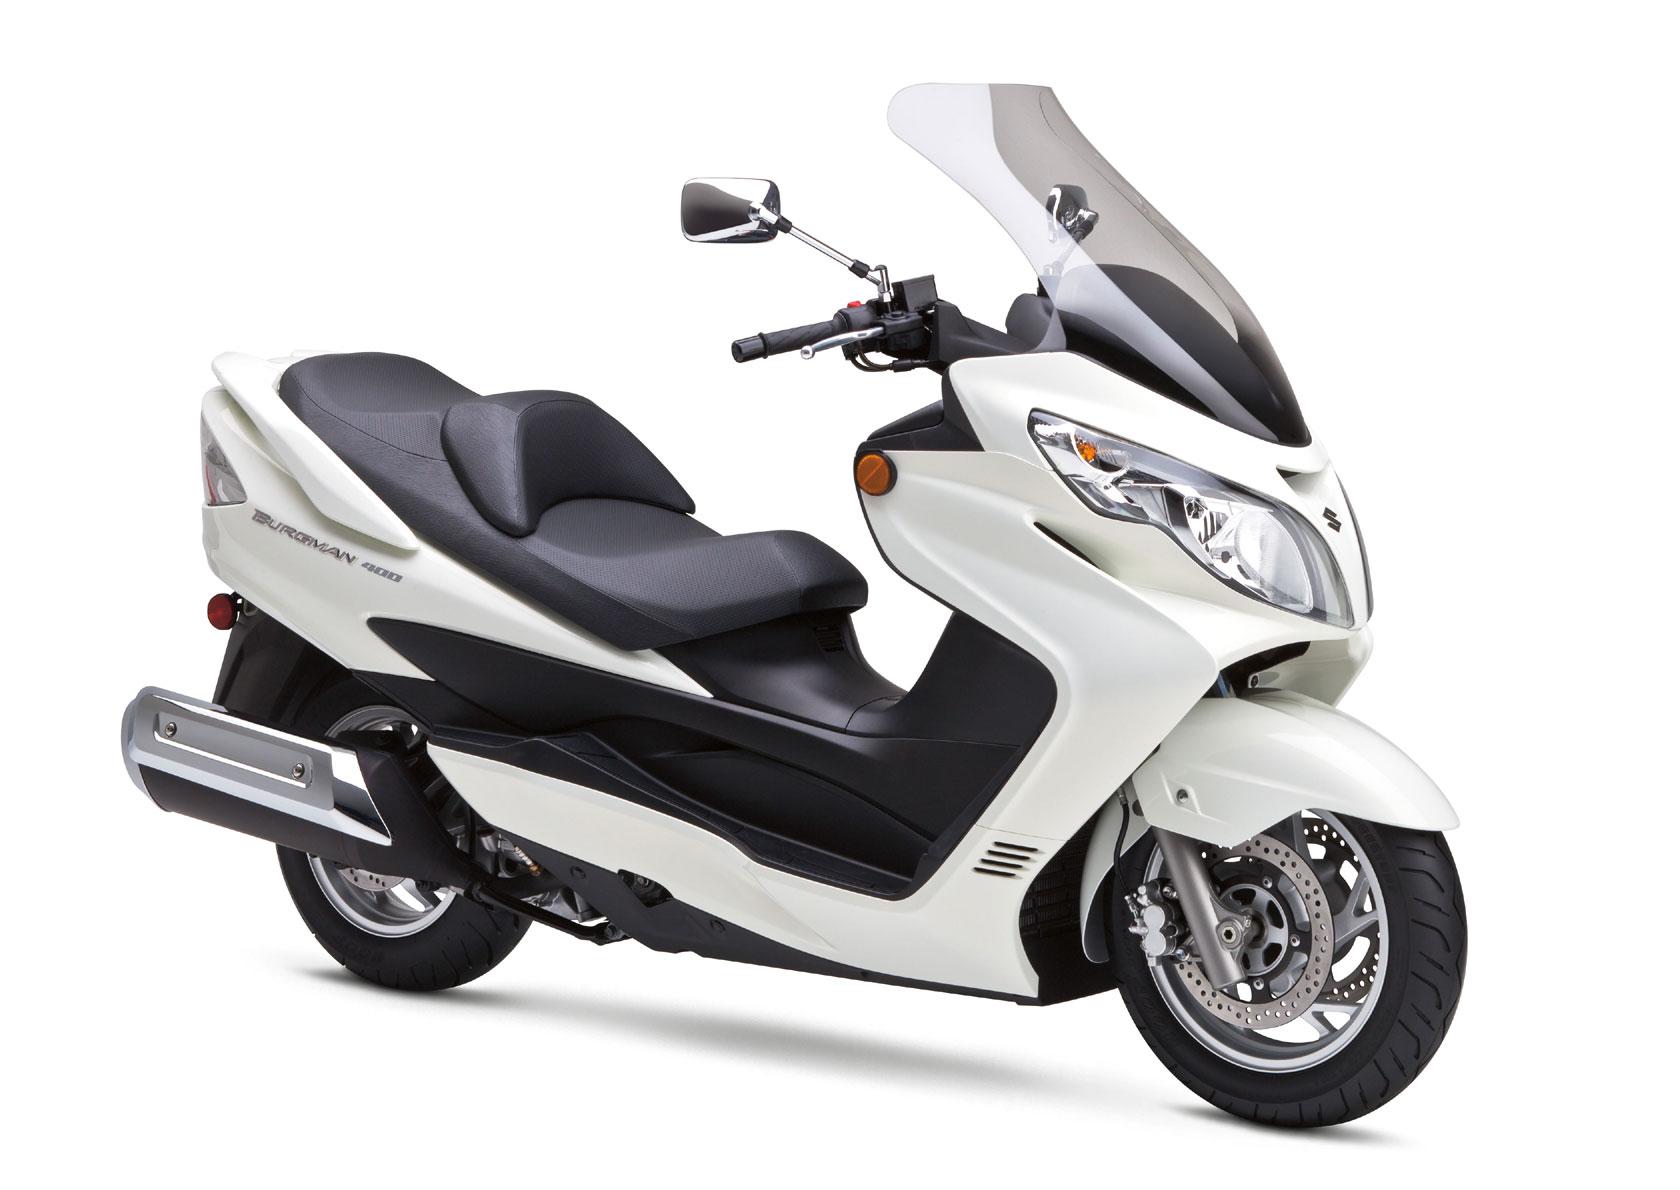 Suzuki Burgman 400A